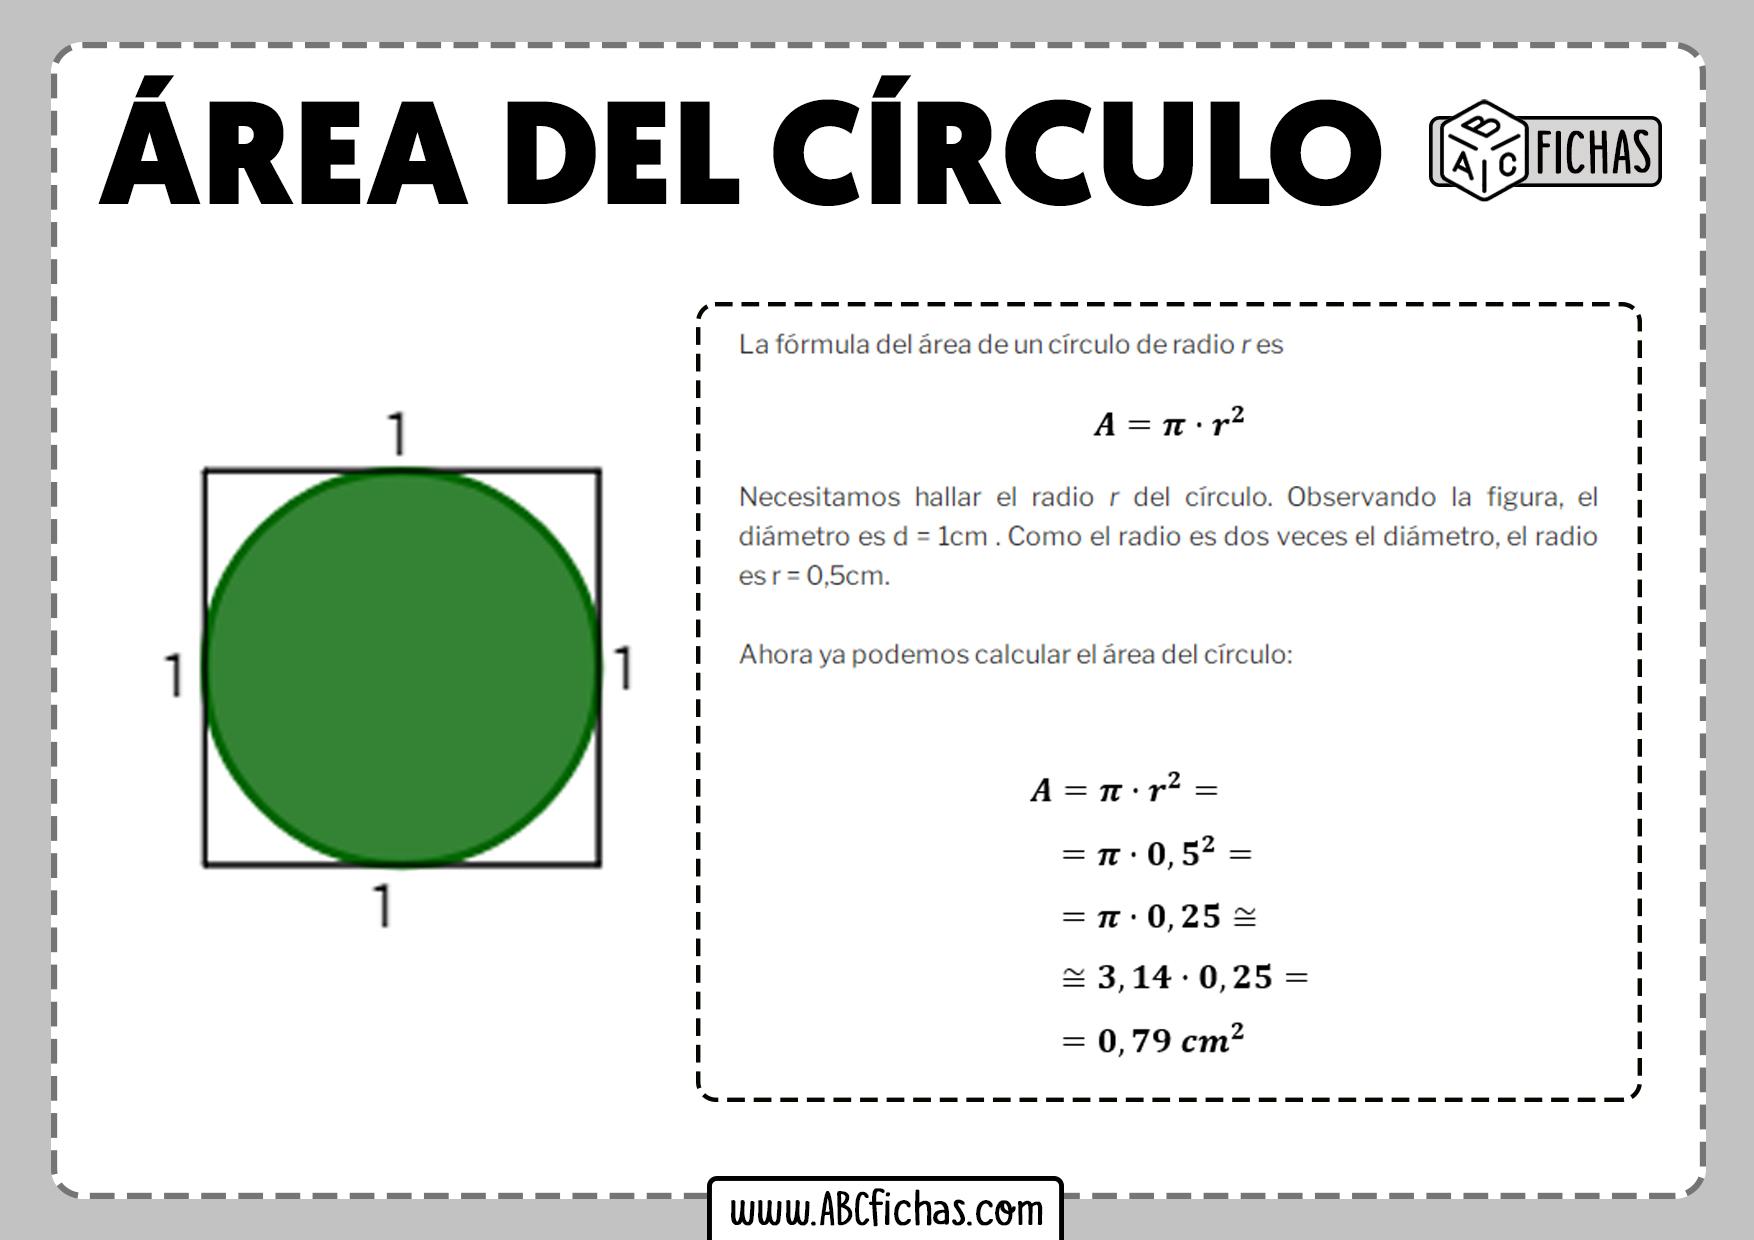 Calcular area del circulo